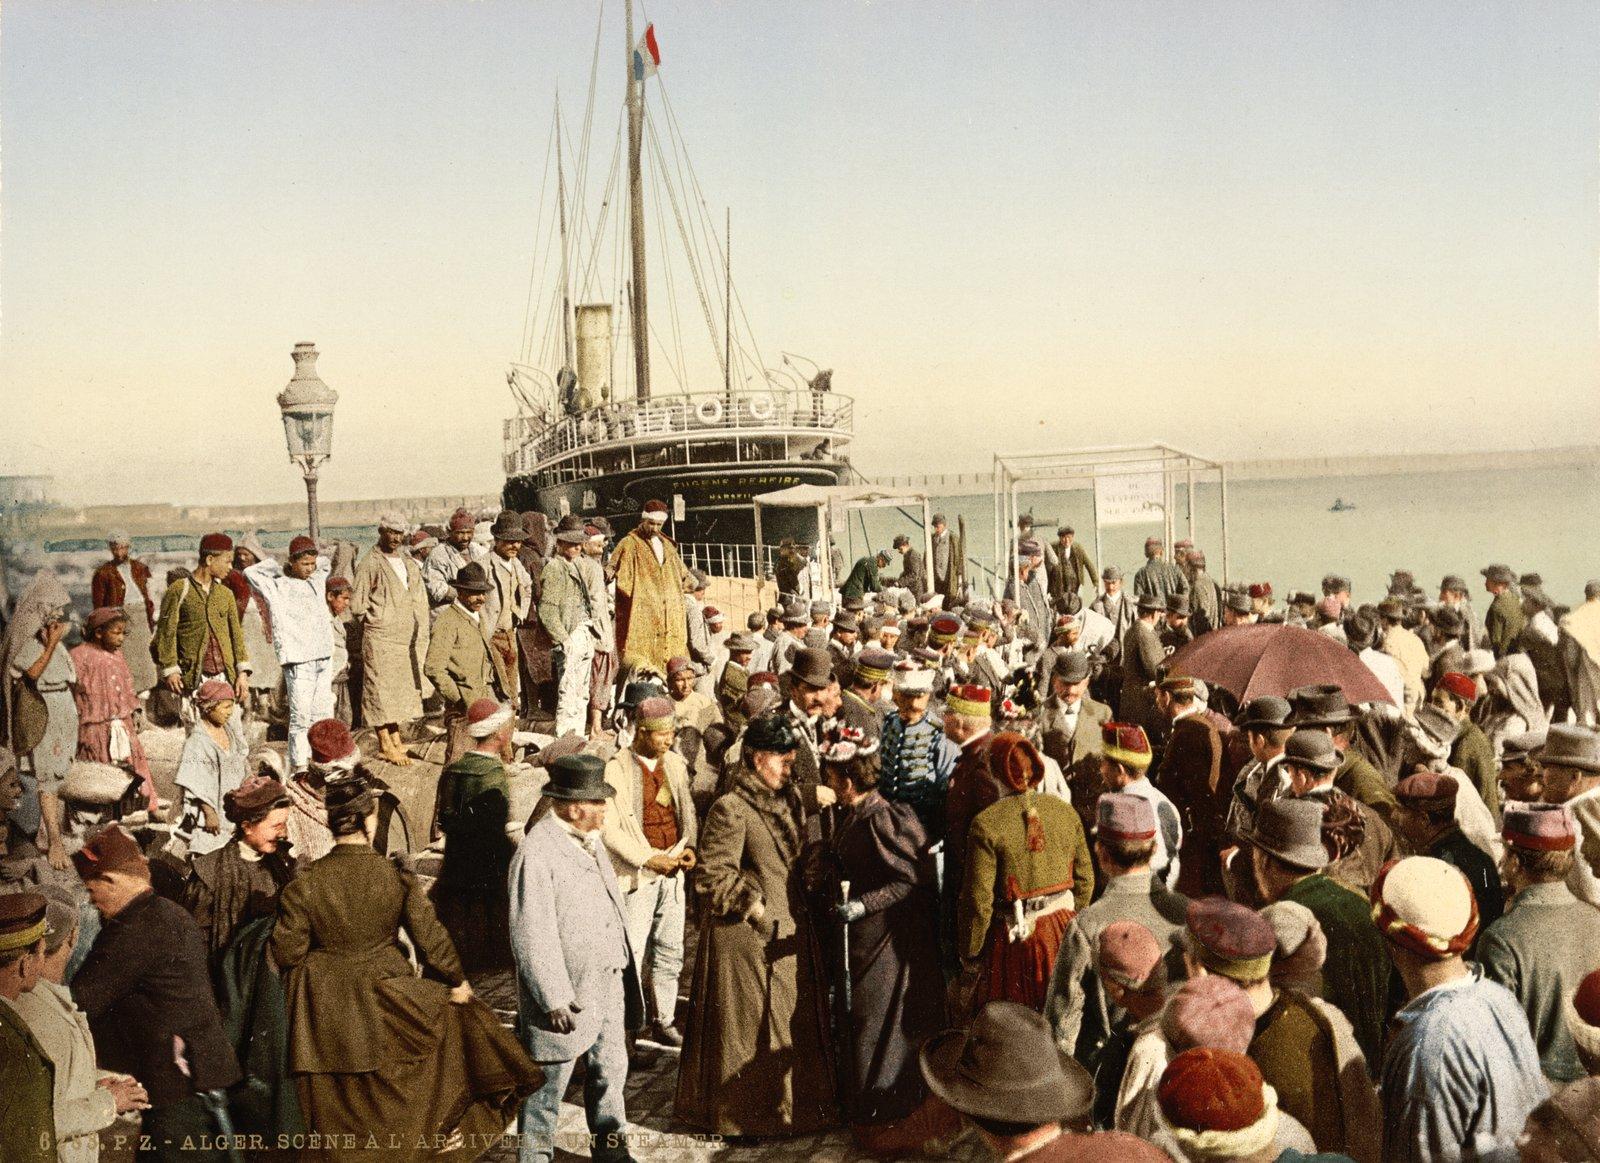 Algieria Źródło: Detroit Publishing Co, Algieria, 1899, domena publiczna.